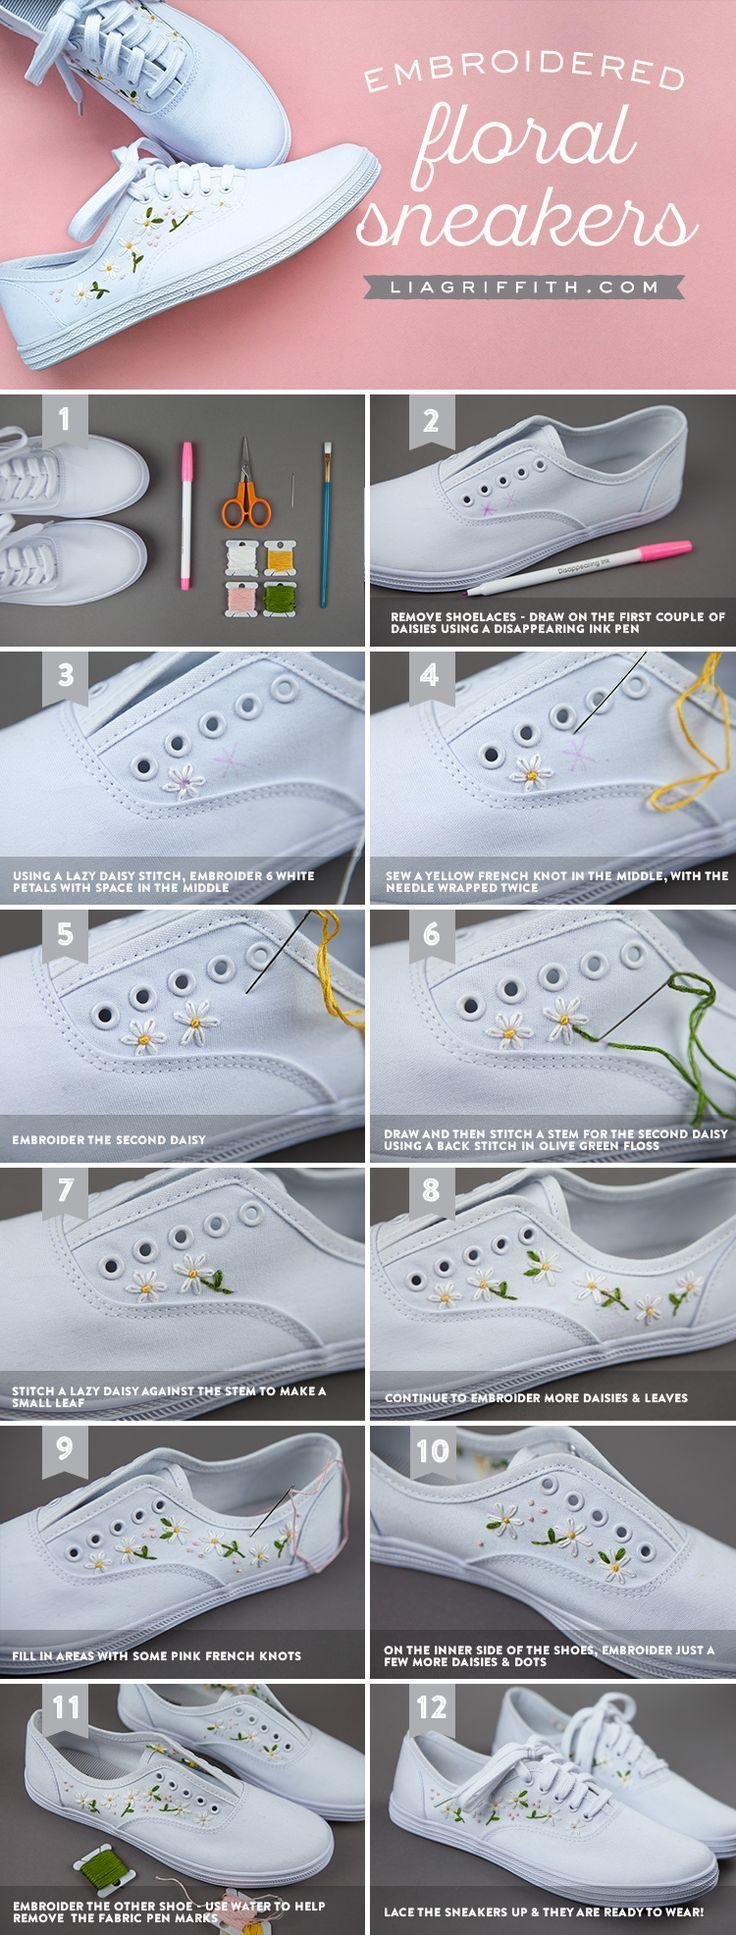 Gestalte deine eigenen Daisy bestickten Sneakers für den Frühling